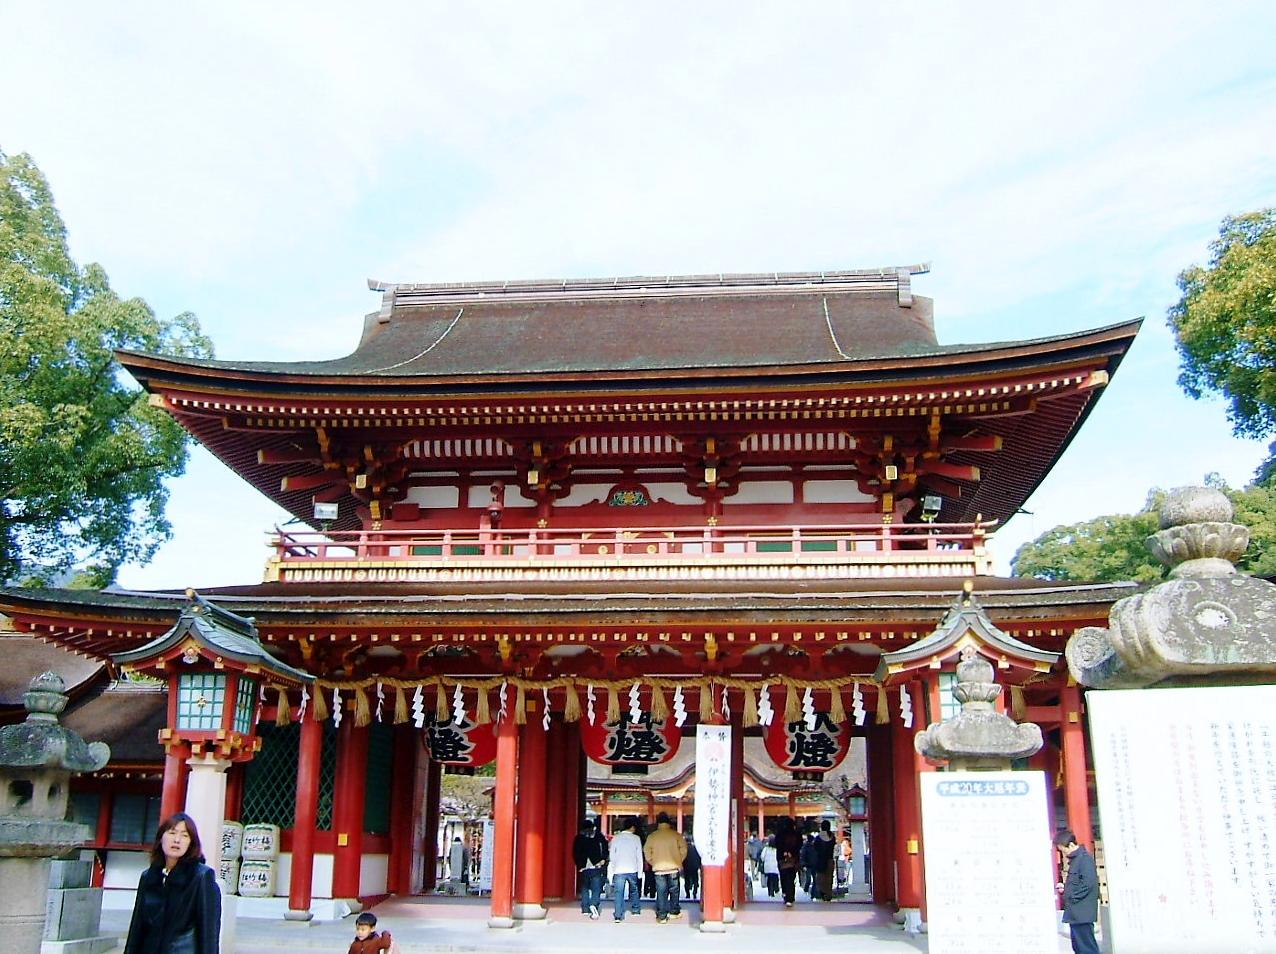 福岡県のお天気まとめ!福岡、八幡、飯塚、久留米エリア今日、明日、週間天気!